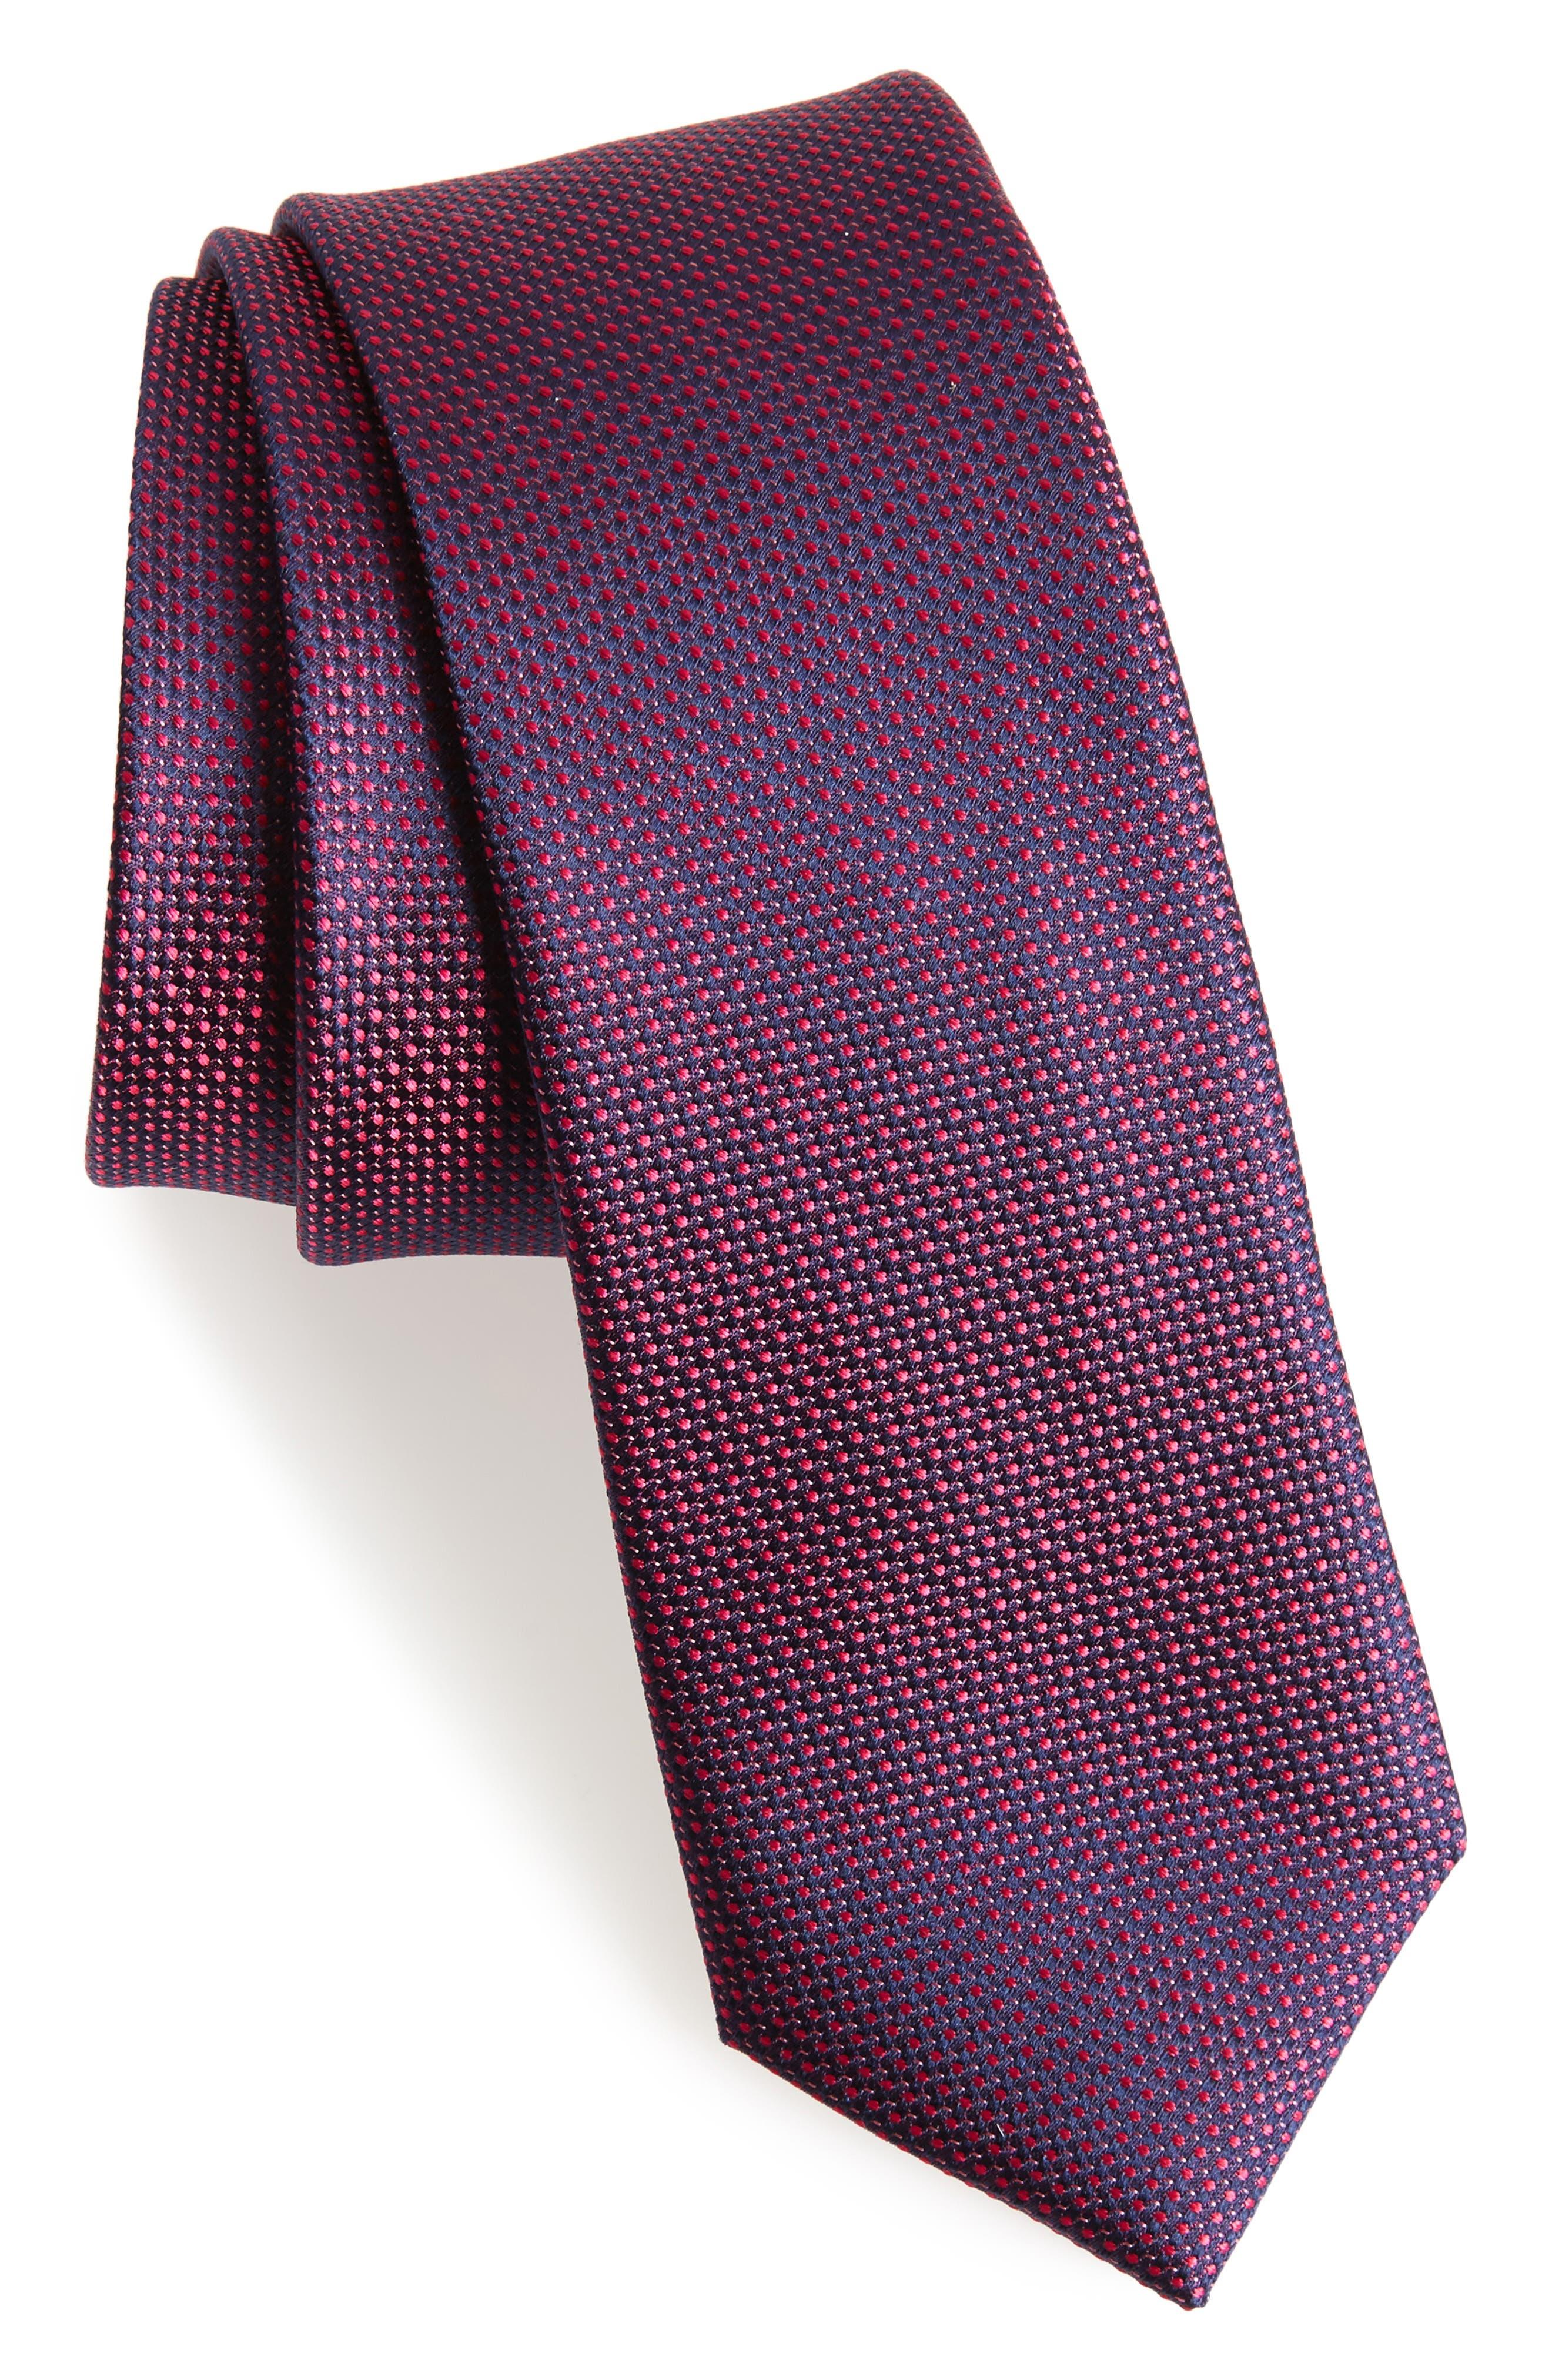 Main Image - Calibrate Pop Dot Silk Skinny Tie